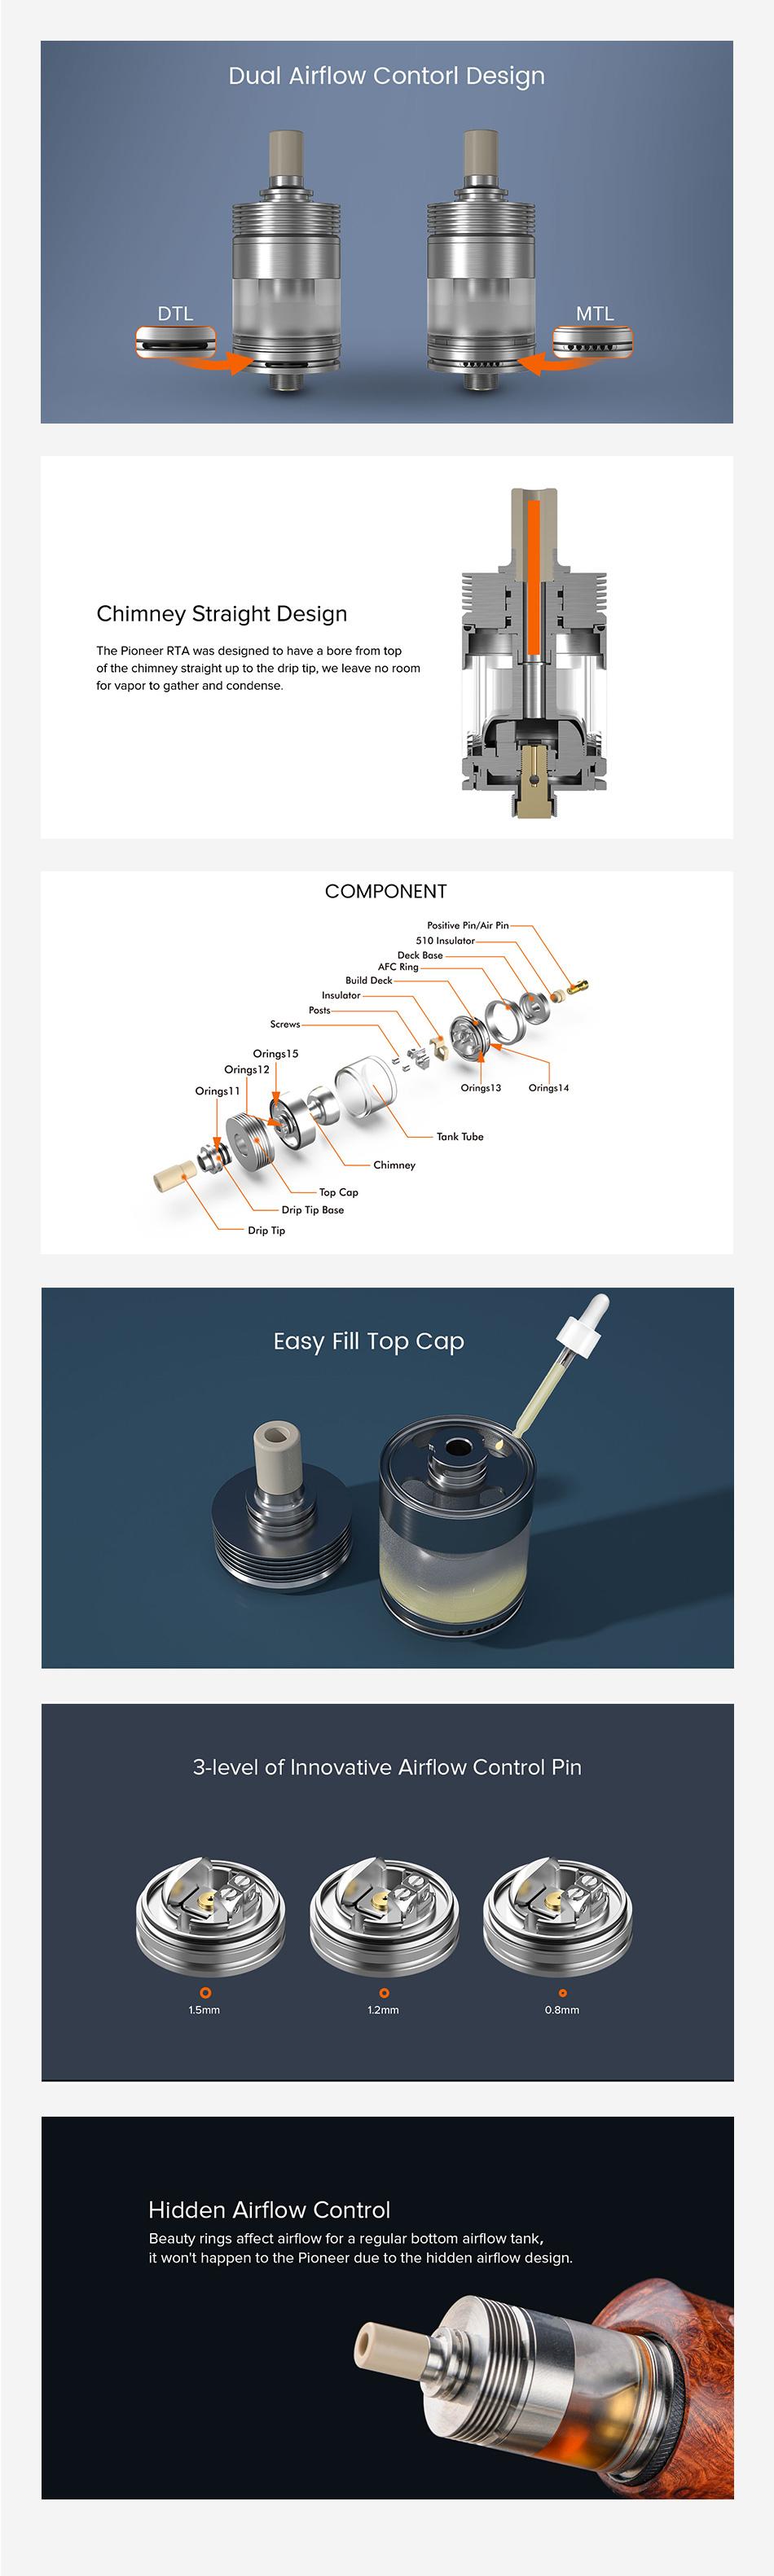 BP Mods Pioneer MTL RTA